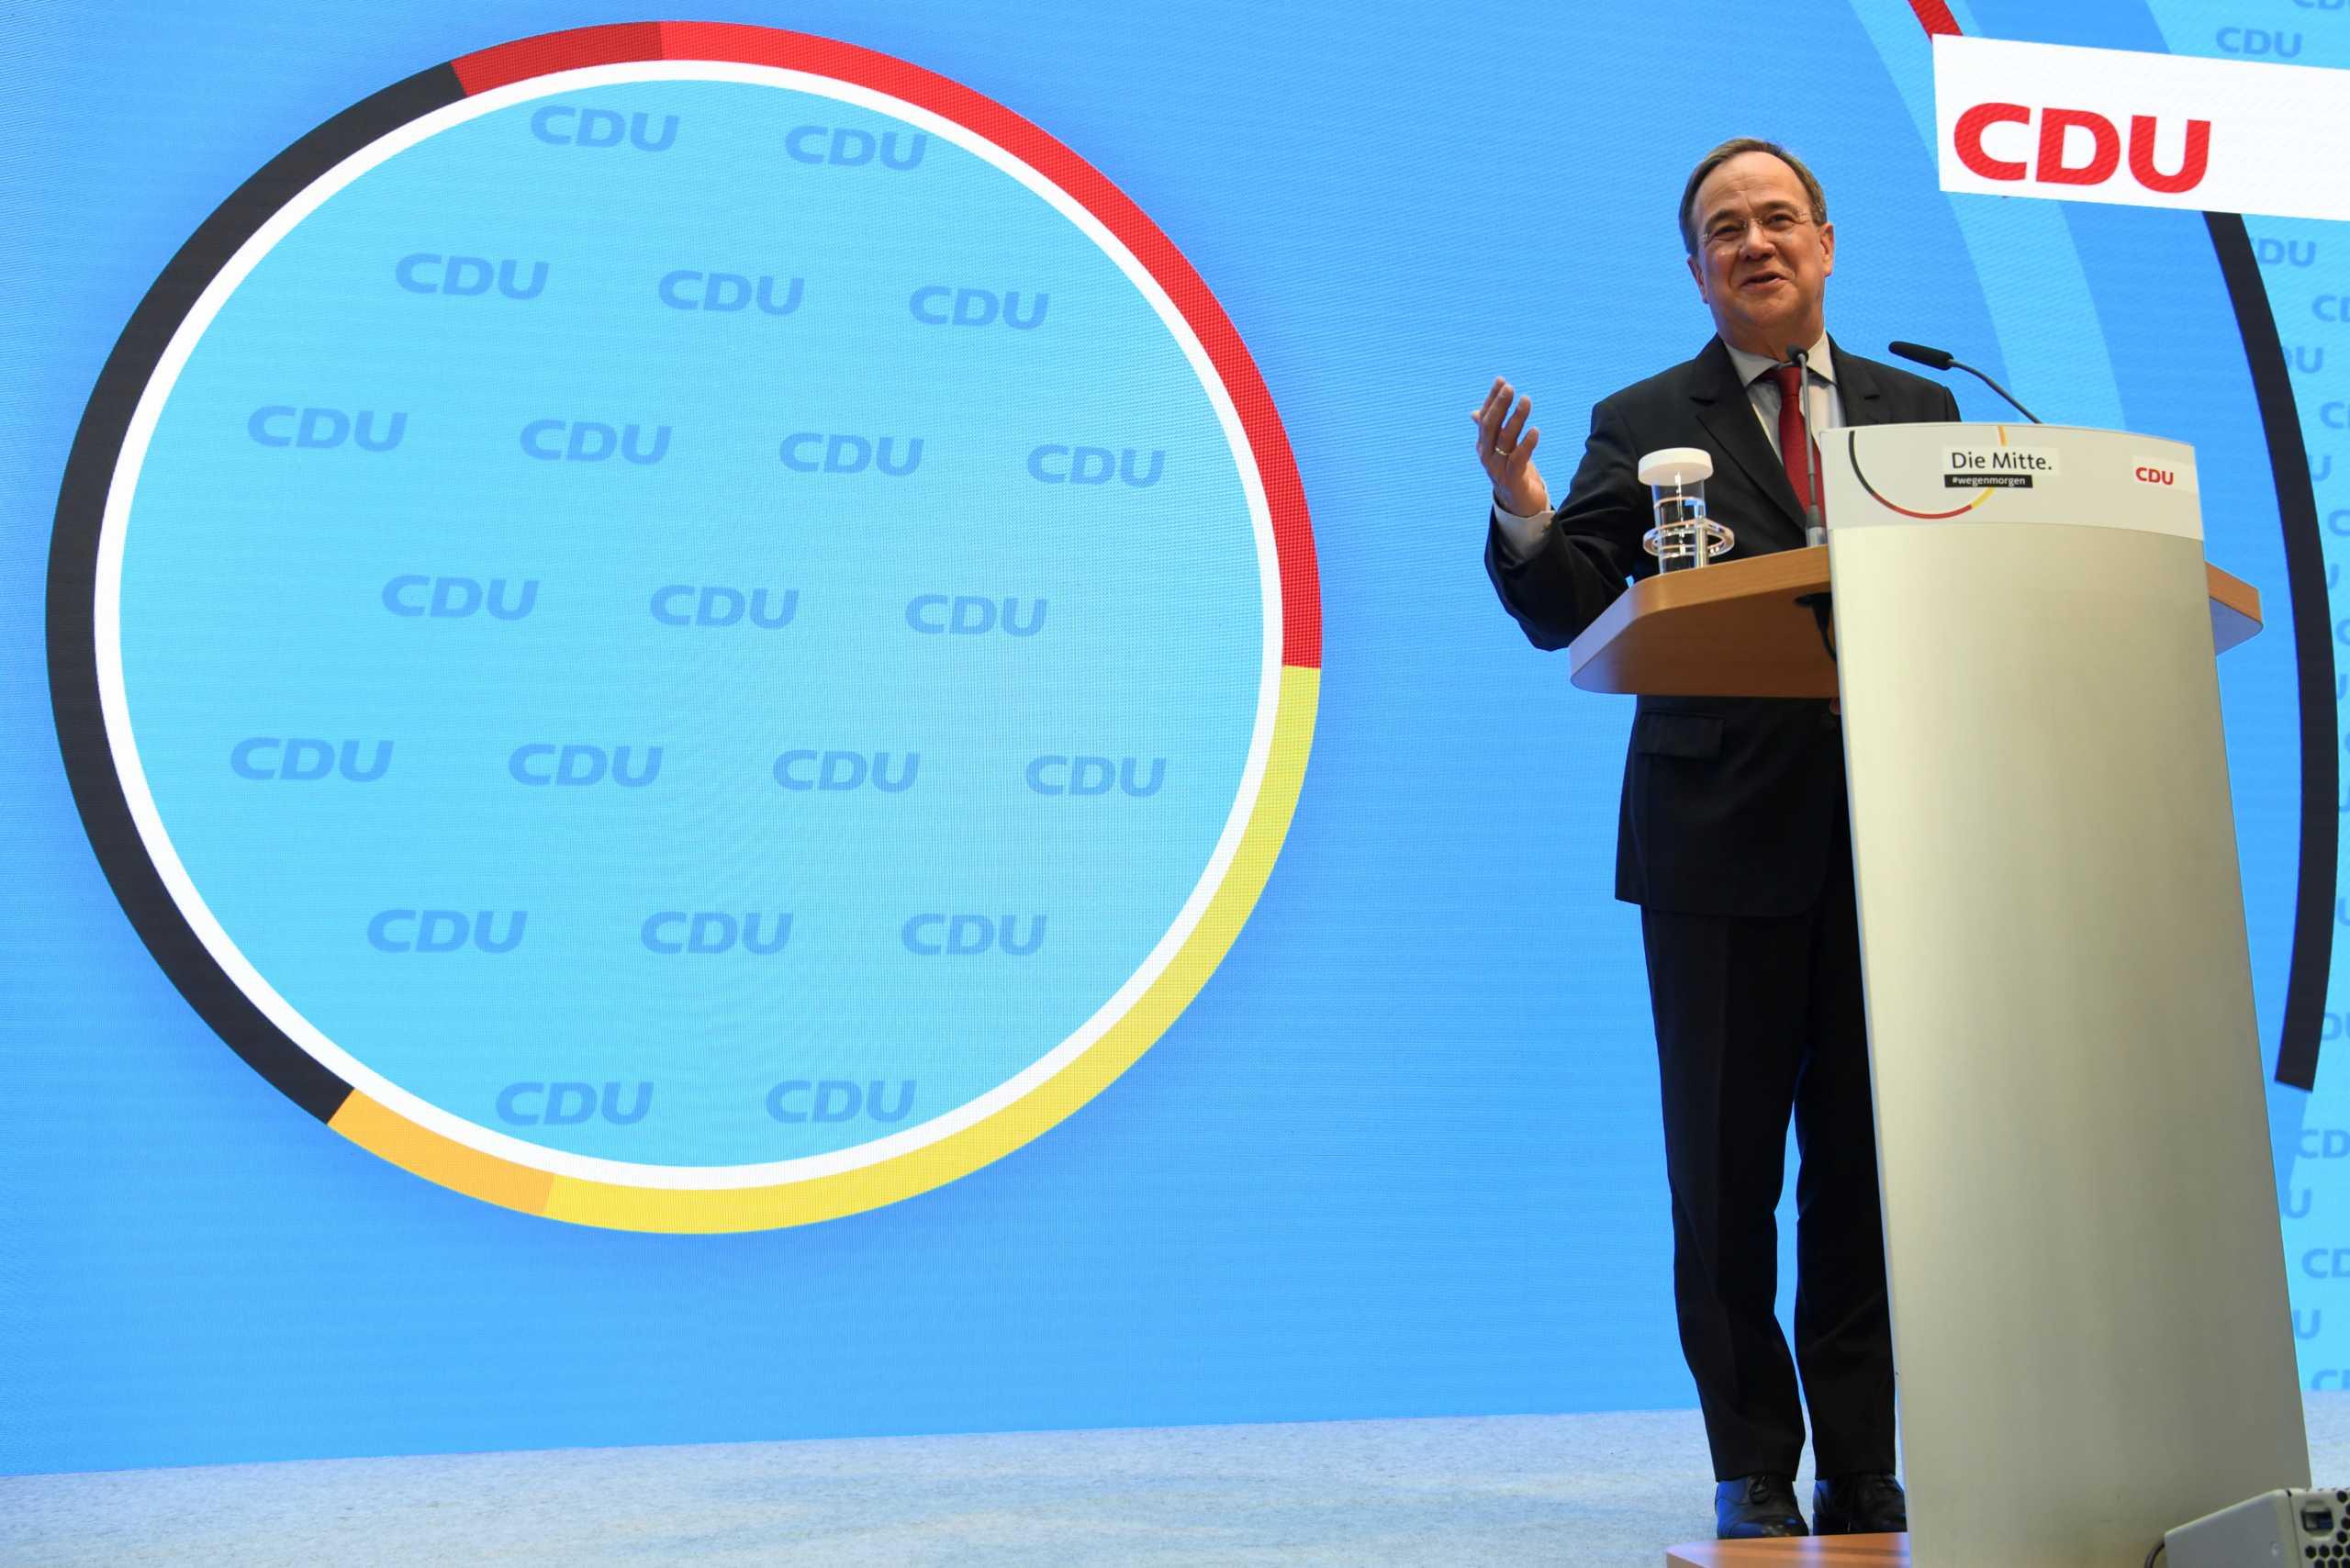 Πρώην καγκελάριος Σρέντερ για γερμανικές εκλογές: Σωστή η επιλογή o Λάσετ όμως κερδισμένος θα βγει ο Σολτς